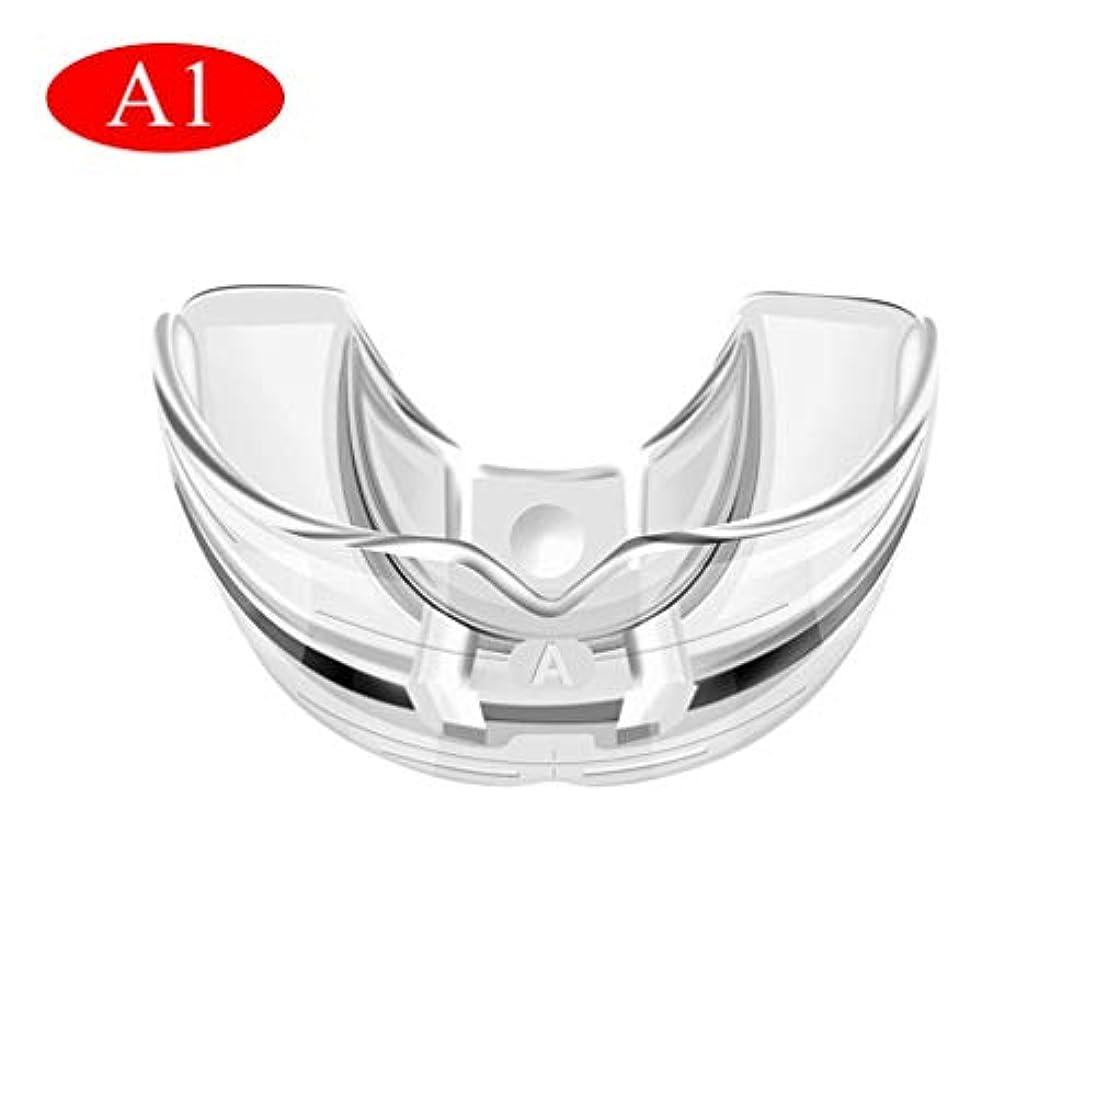 福祉快適ピンク歯列矯正器具、歯の状態に応じた3段階/透明で柔らかい、そして硬い歯科用マウスガード歯列矯正器具(透明)